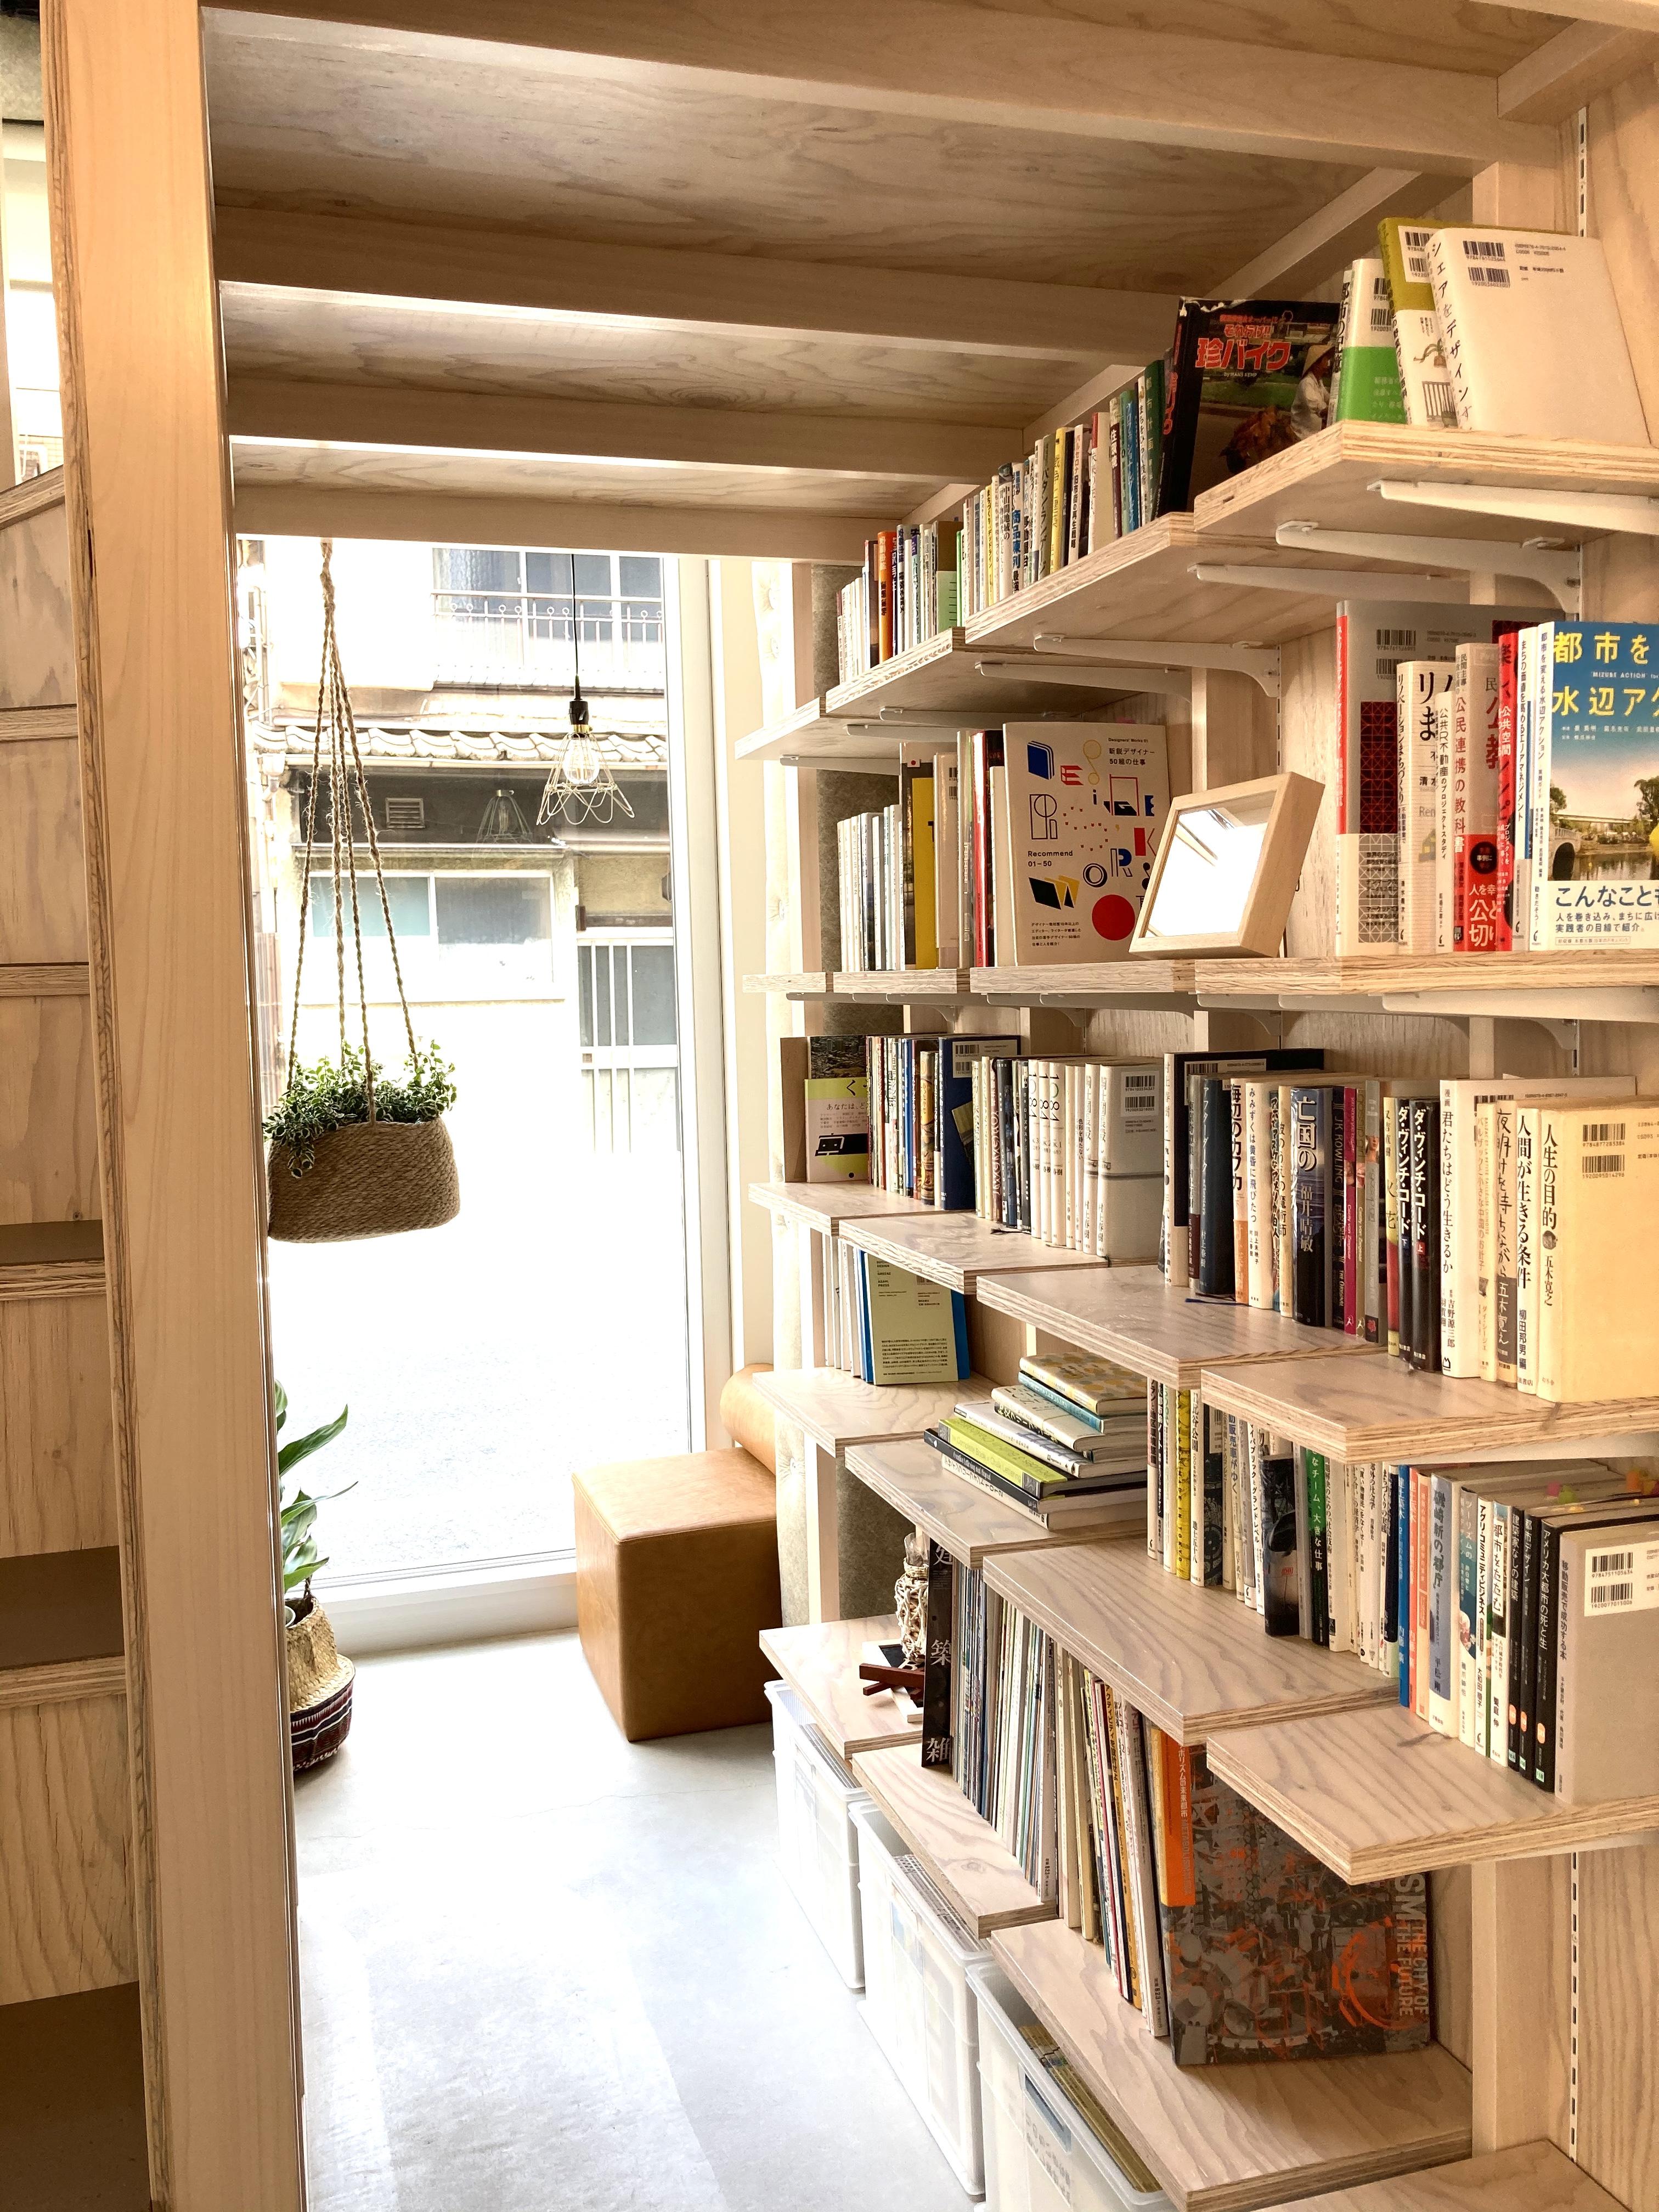 ブックコーナー - PLAT295  コワーキングスペース -3の室内の写真